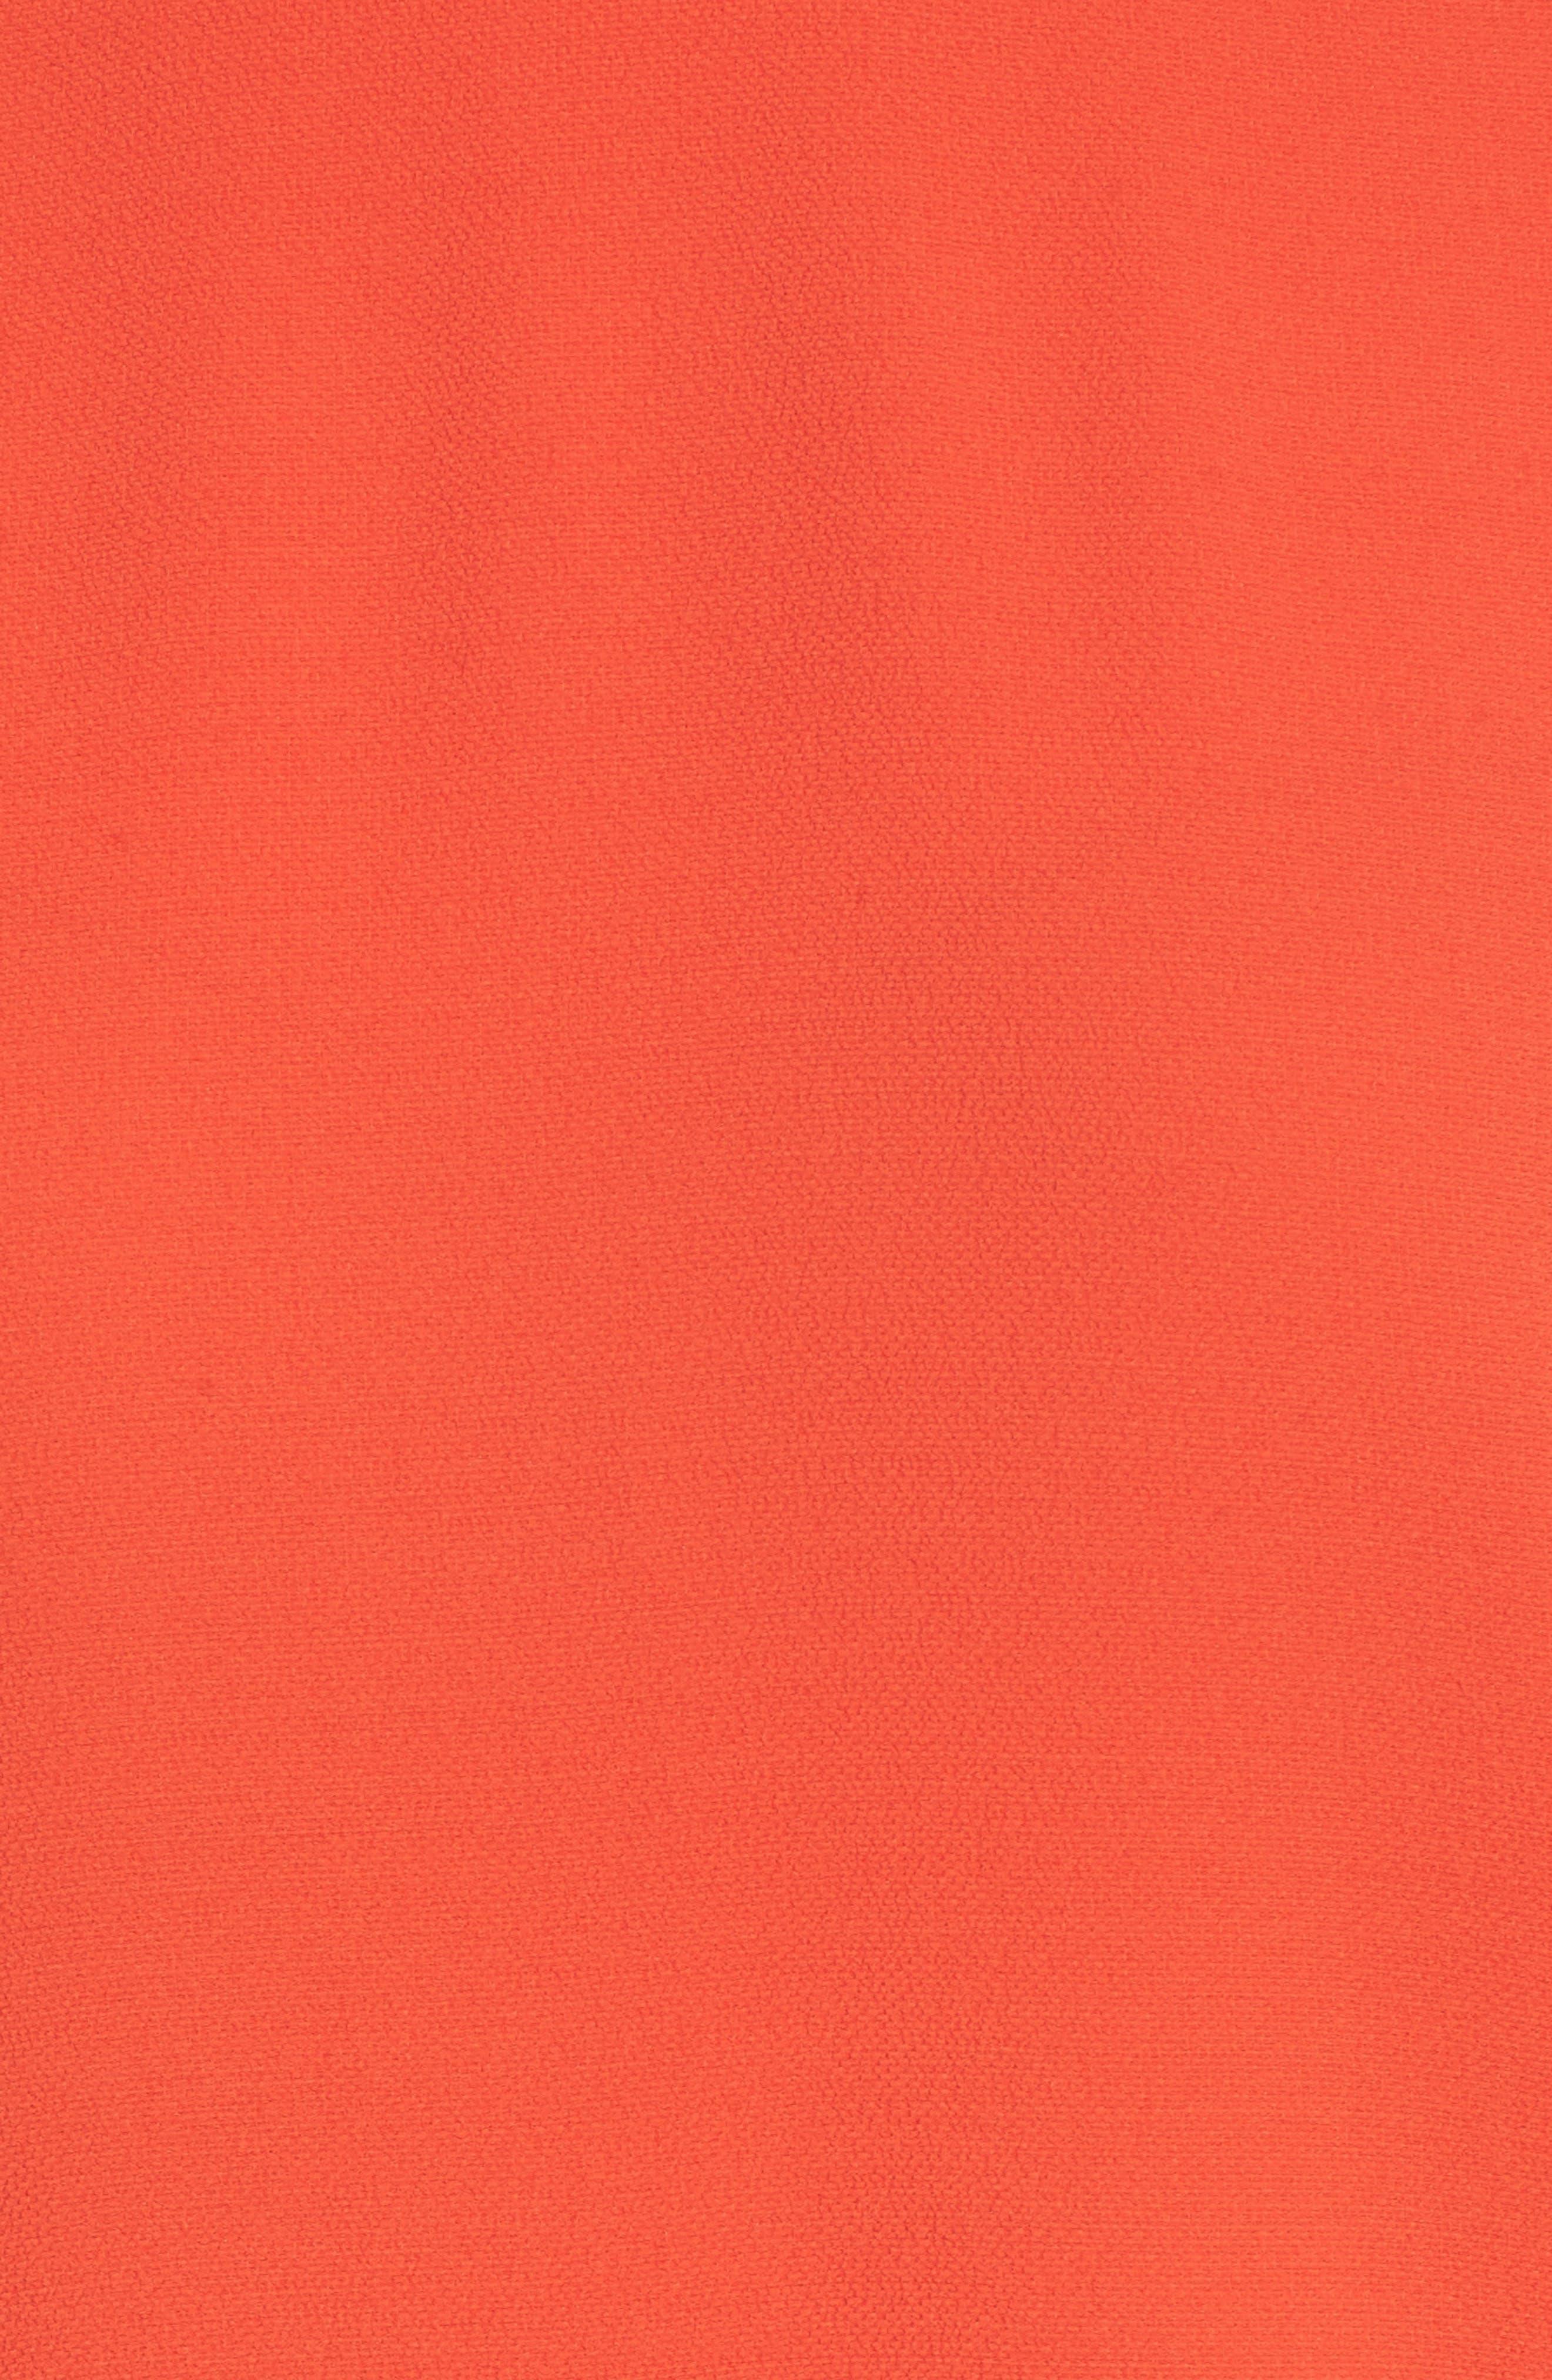 ,                             Ruffled Handkerchief Hem Top,                             Alternate thumbnail 99, color,                             630